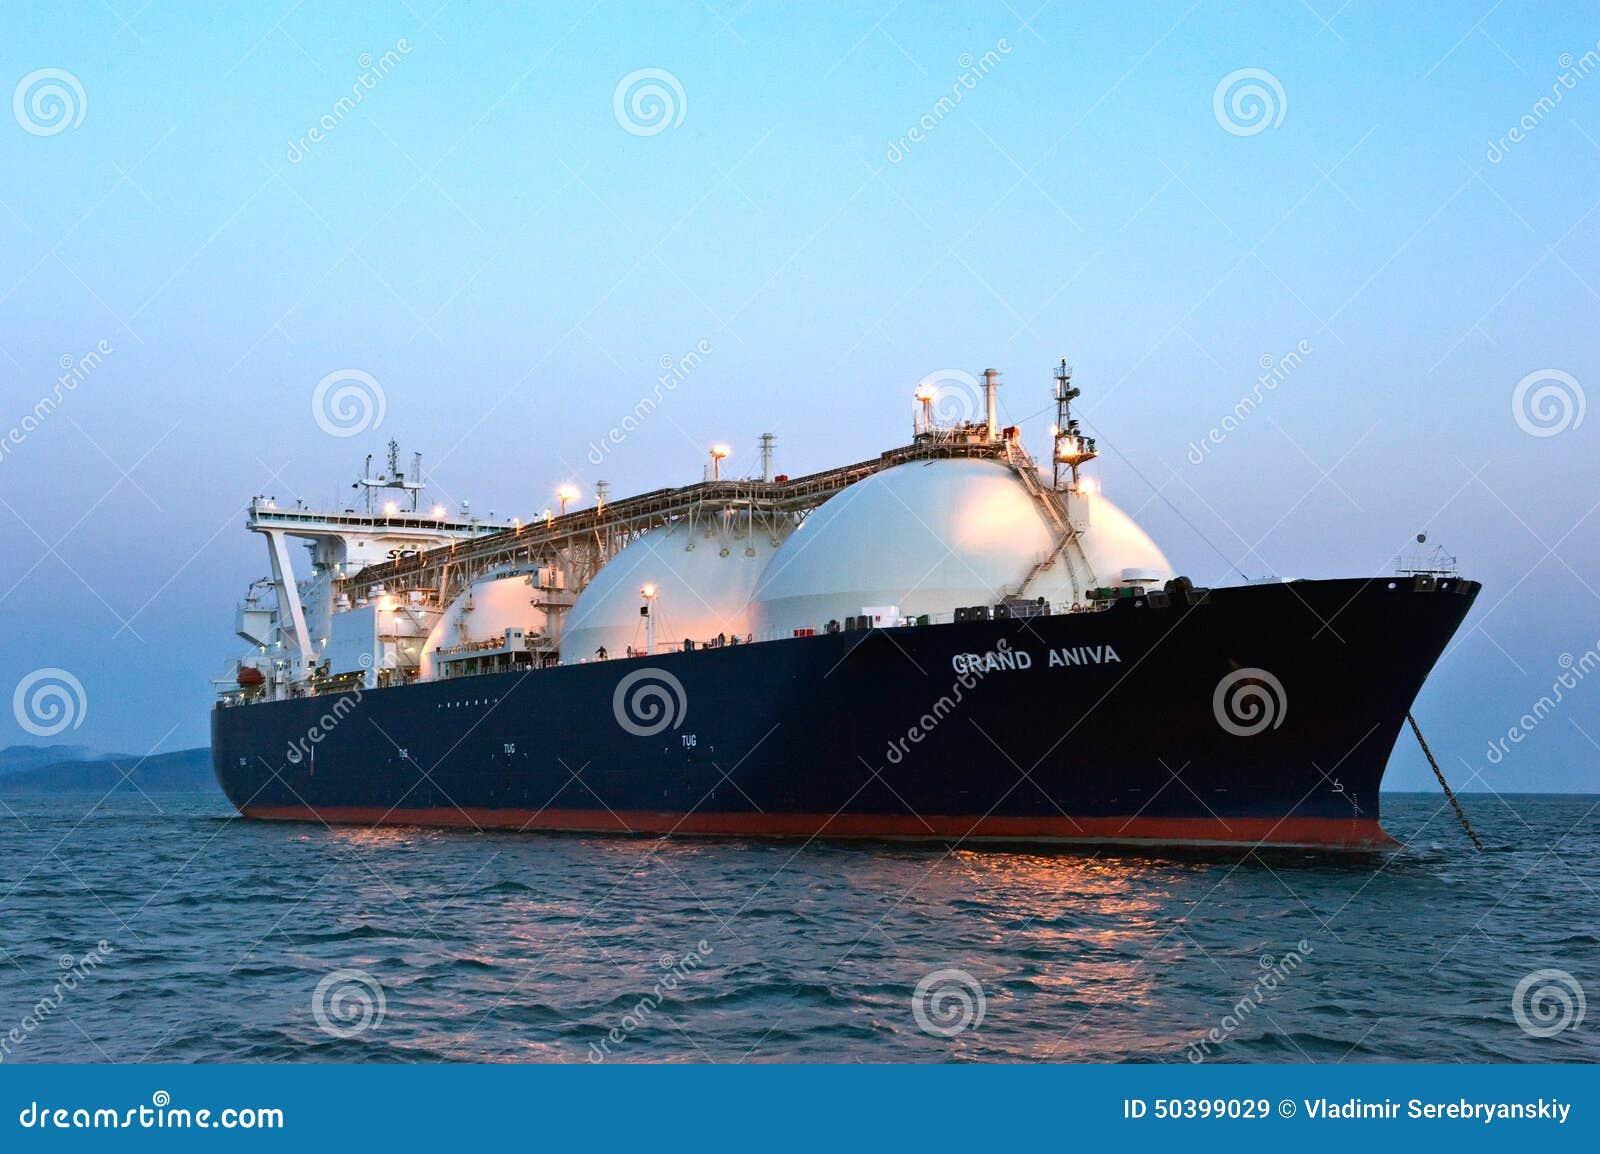 Trasportatore di LNG grande Aniva al tramonto sulle strade del porto di Nachodka L Estremo Oriente della Russia Mare orientale (d